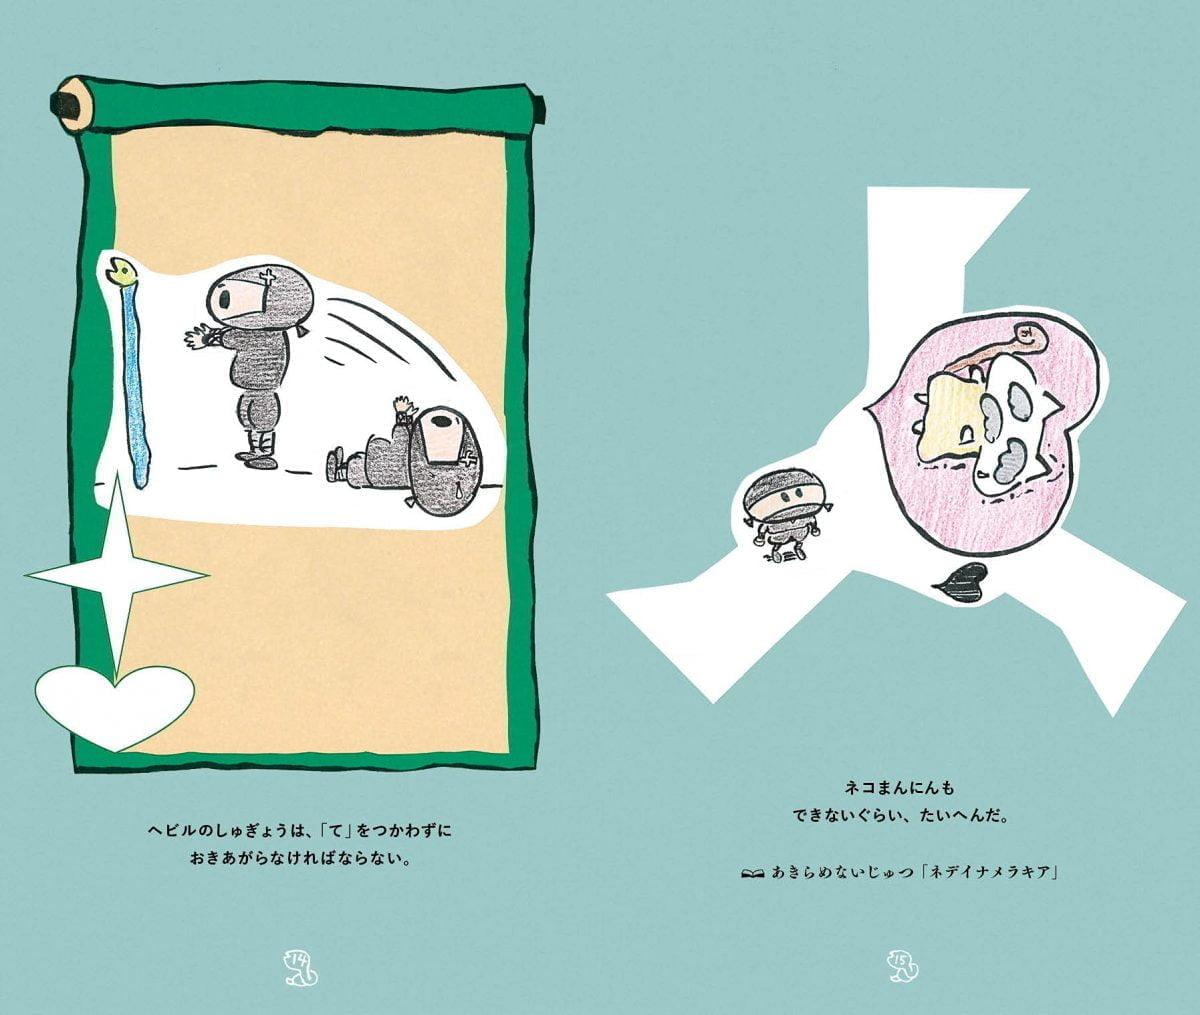 絵本「ネコまんにんとのしゅぎょう」の一コマ3